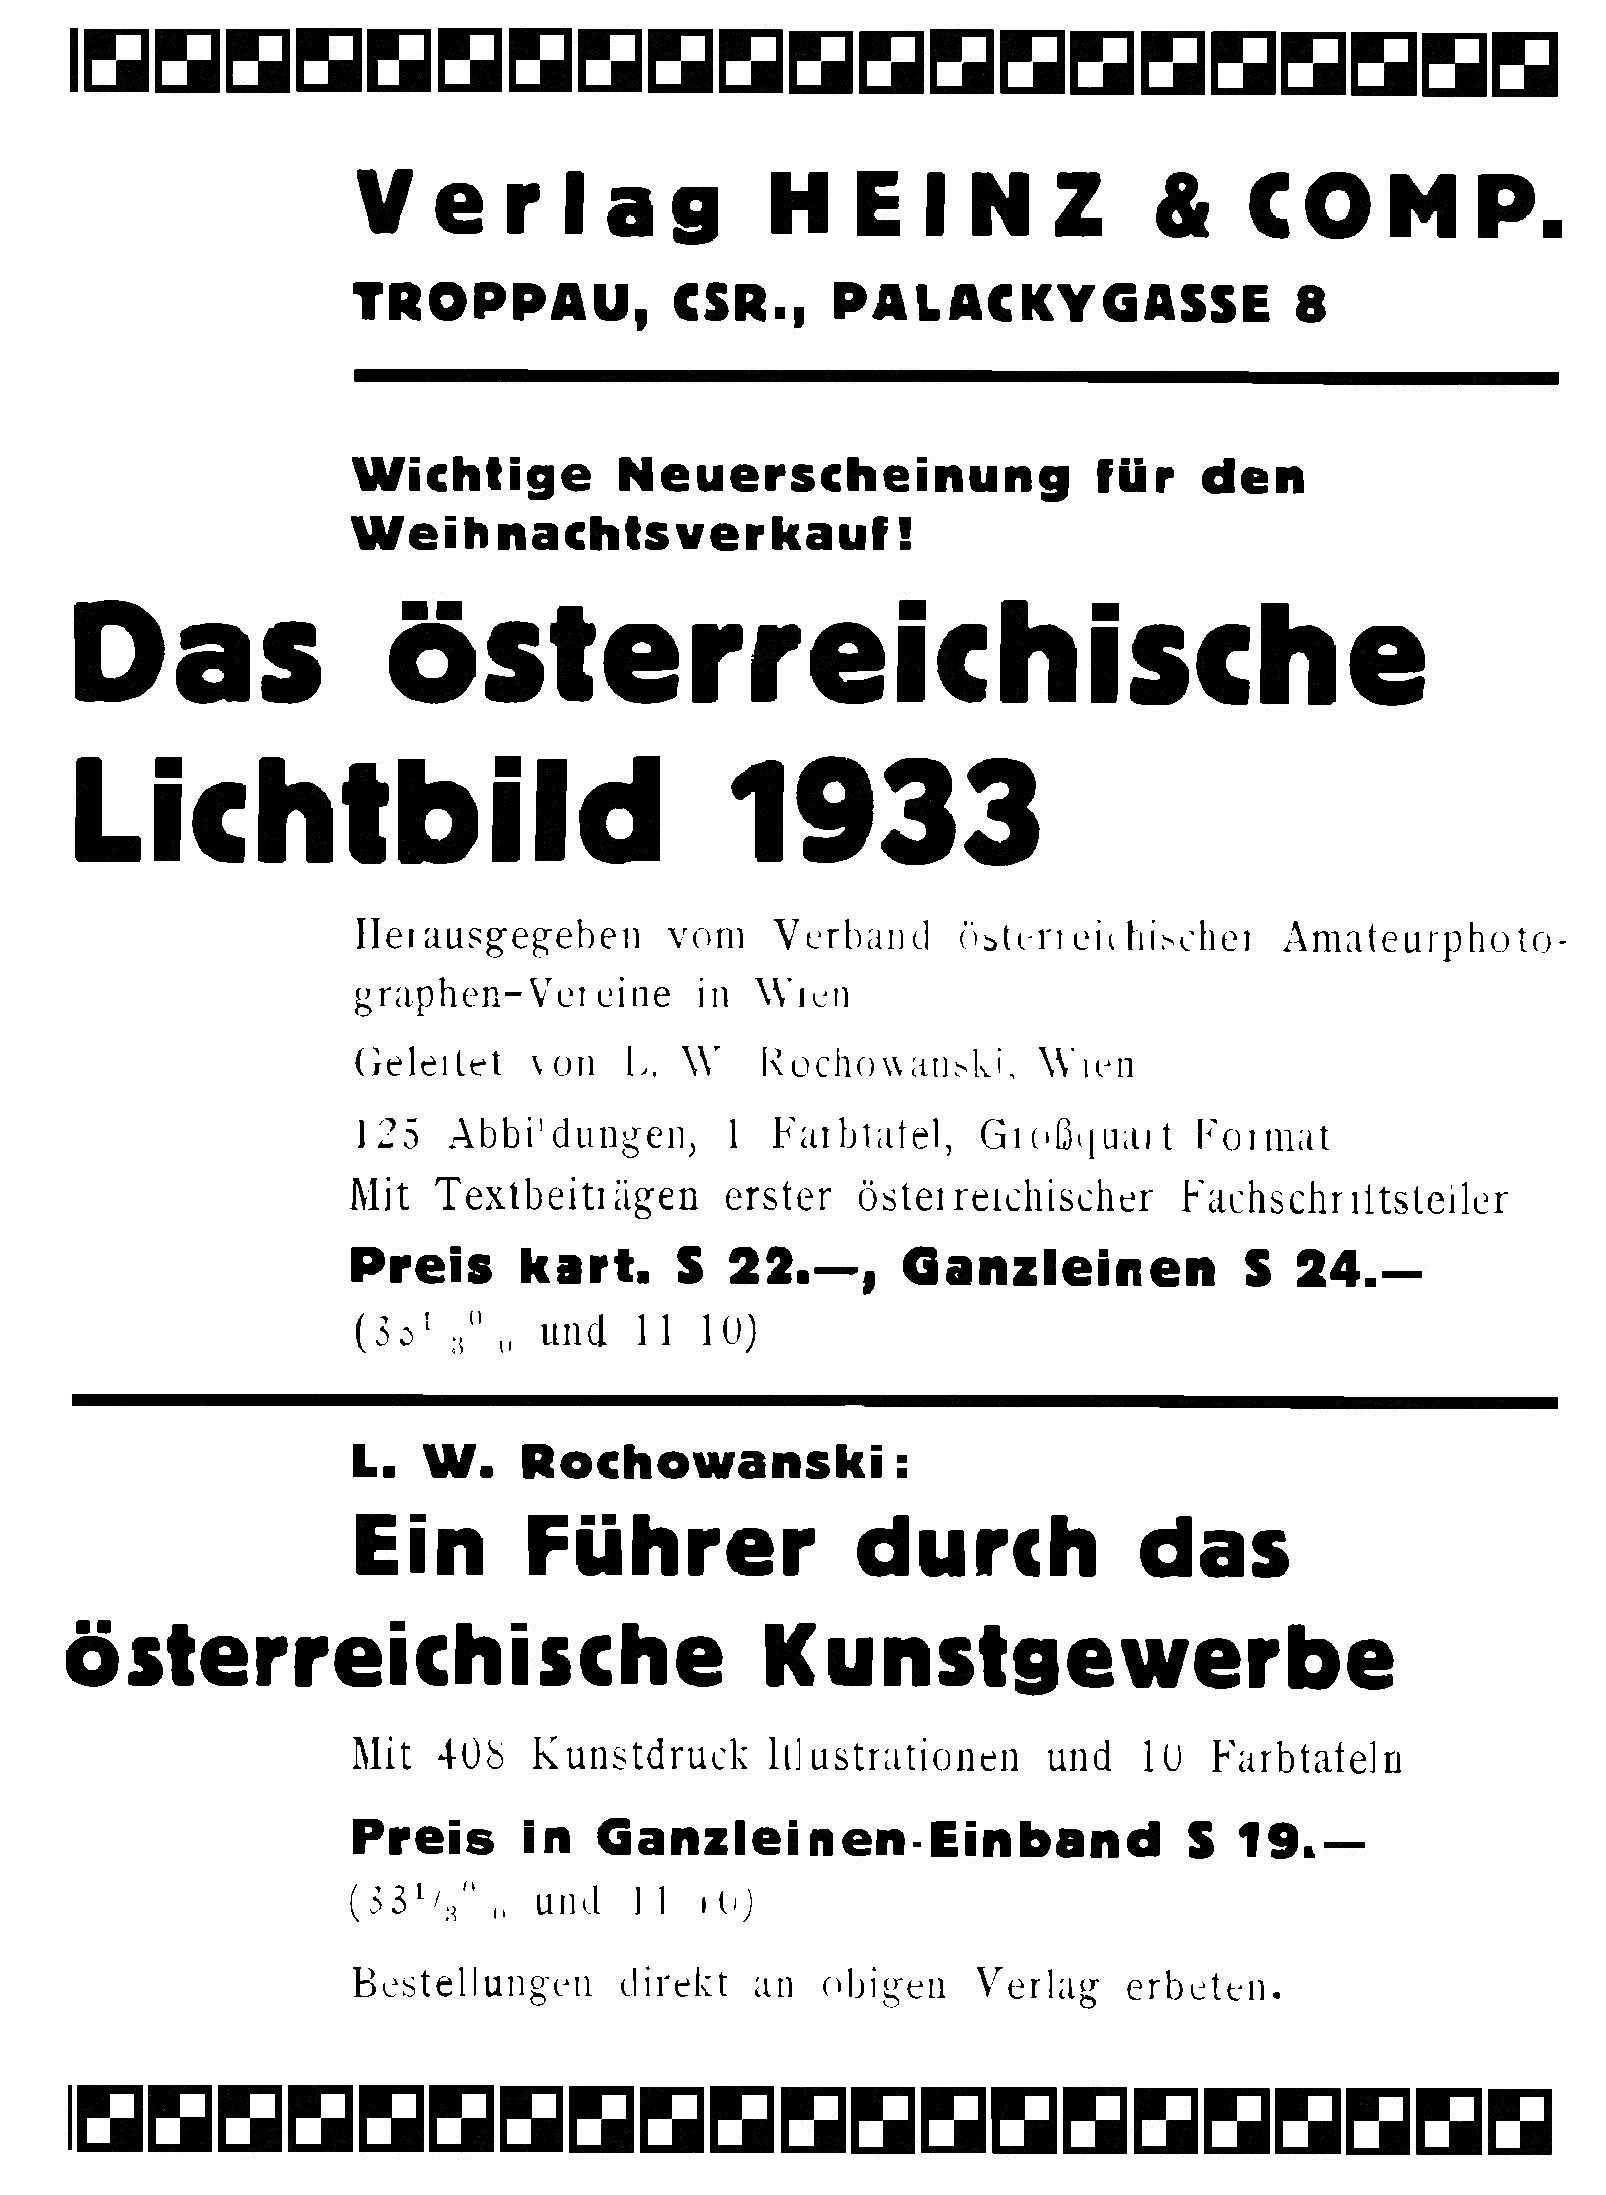 Heinz un Comp Anzeige 1933